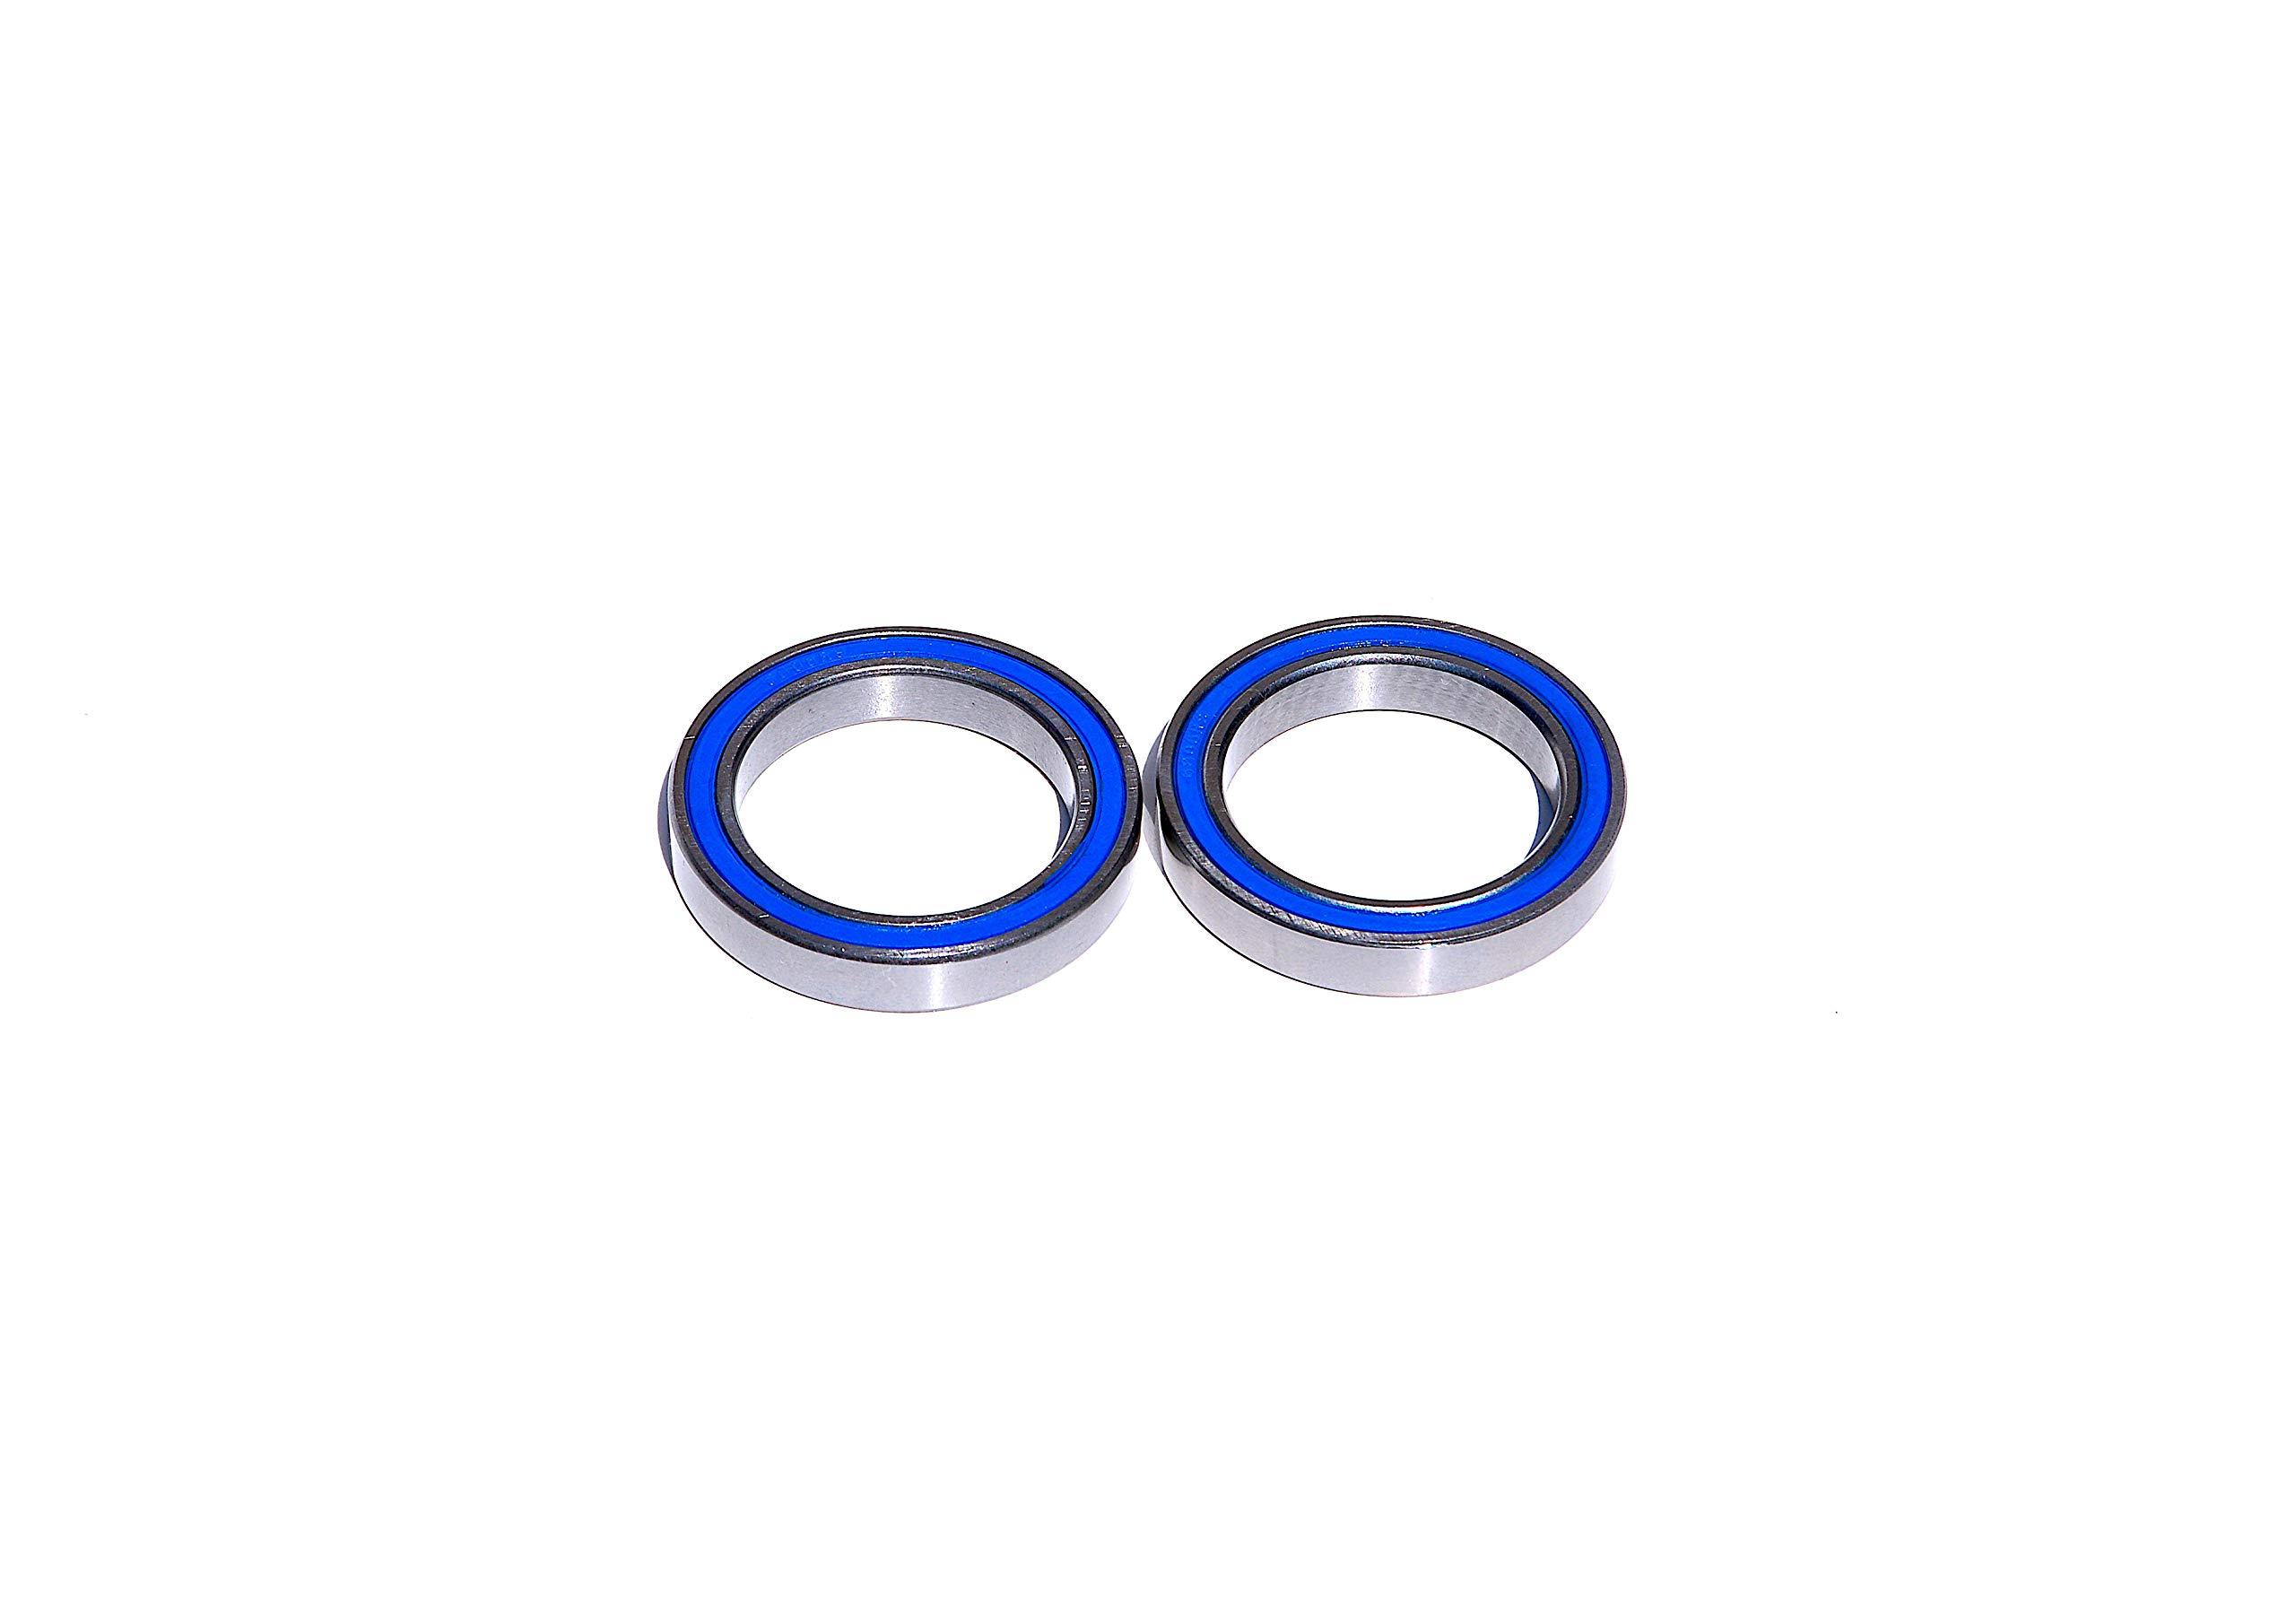 BB 30 Hybrid Ceramic Bearing Kit - (2) Two BB30 Bearings - PF30 Bottom Bracket